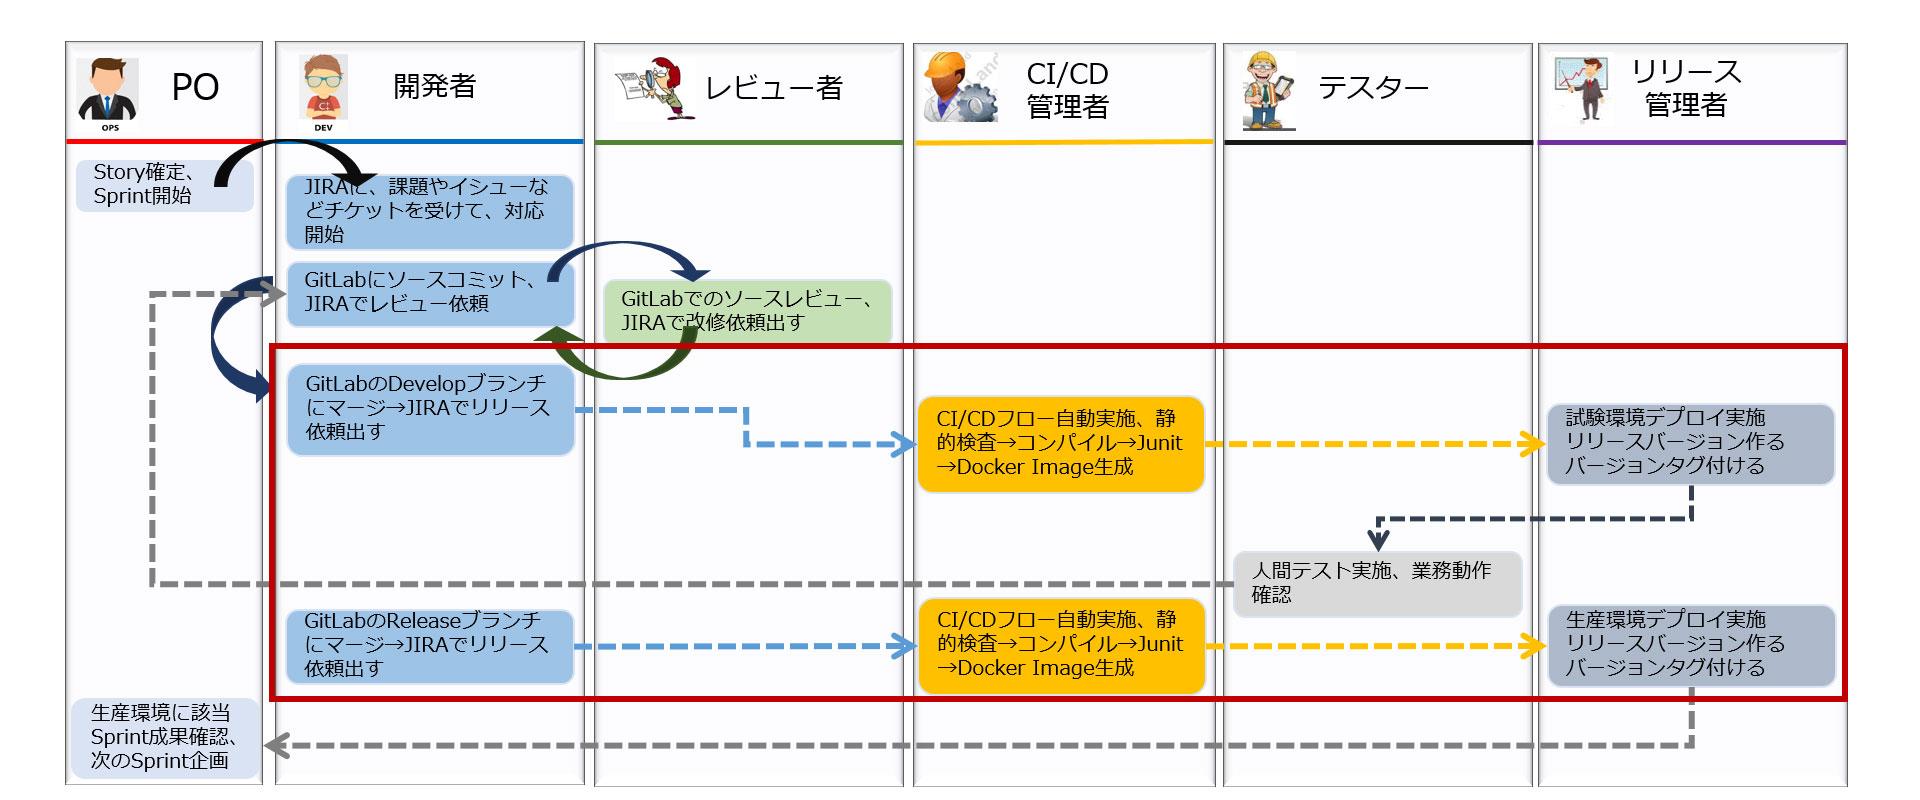 アジャイル+DevOpsの運用フロー図